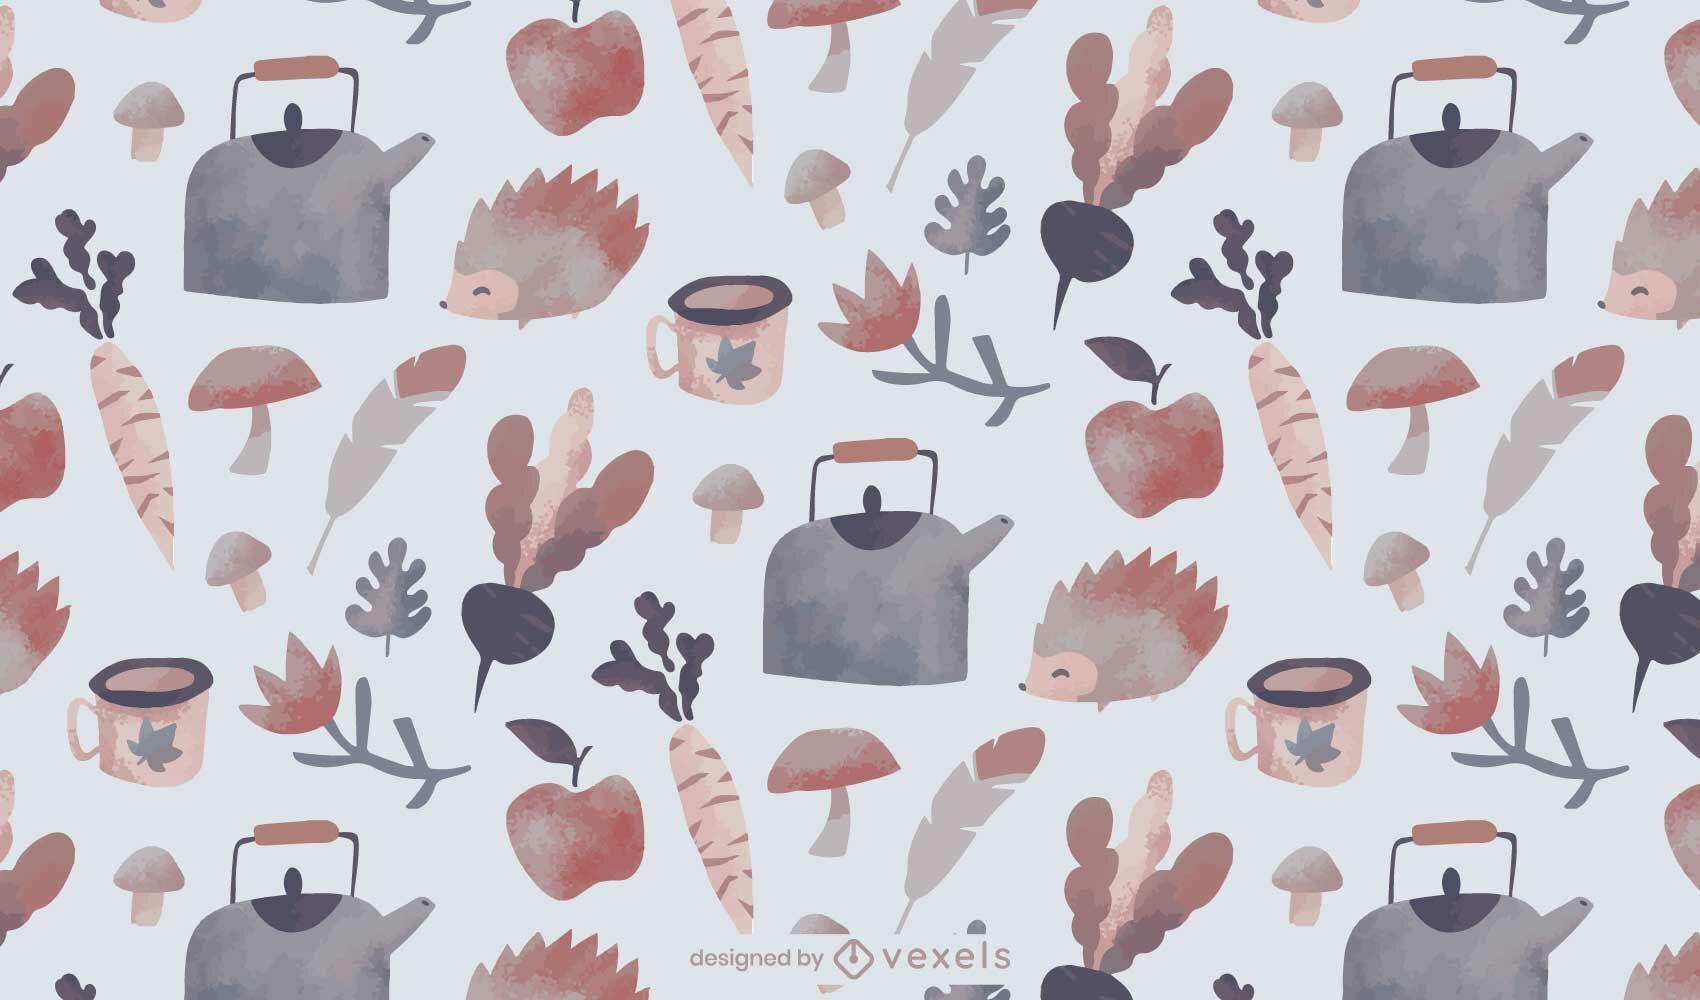 Diseño de patrón de acuarela de invierno acogedor